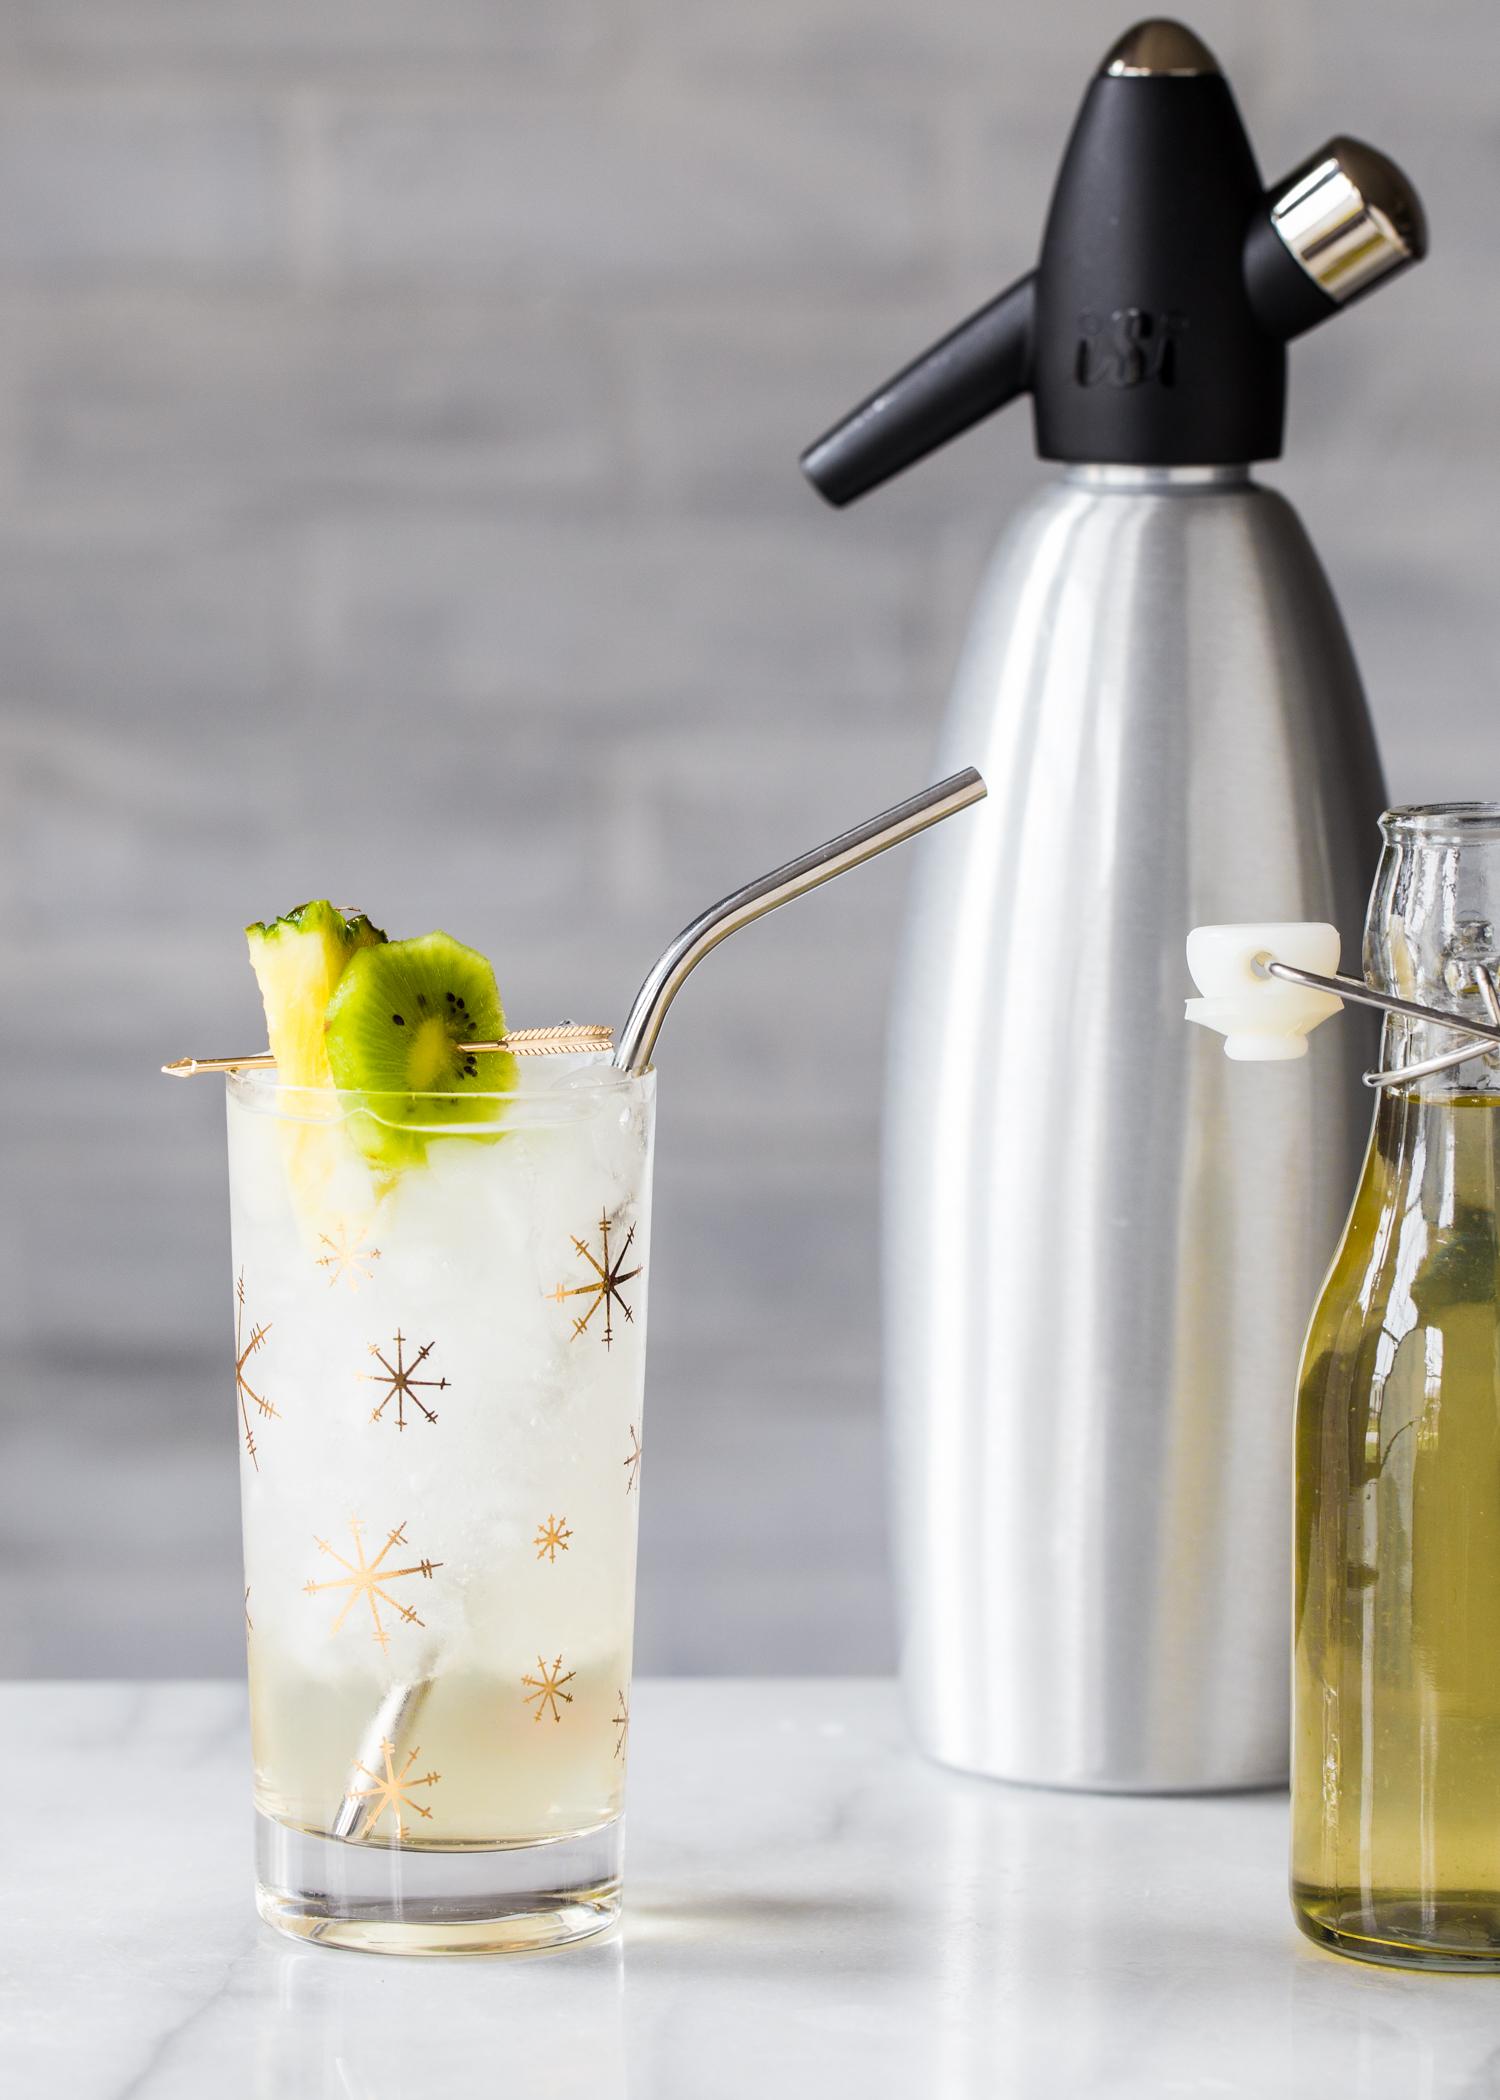 Pineapple Kiwi Shrub Cooler